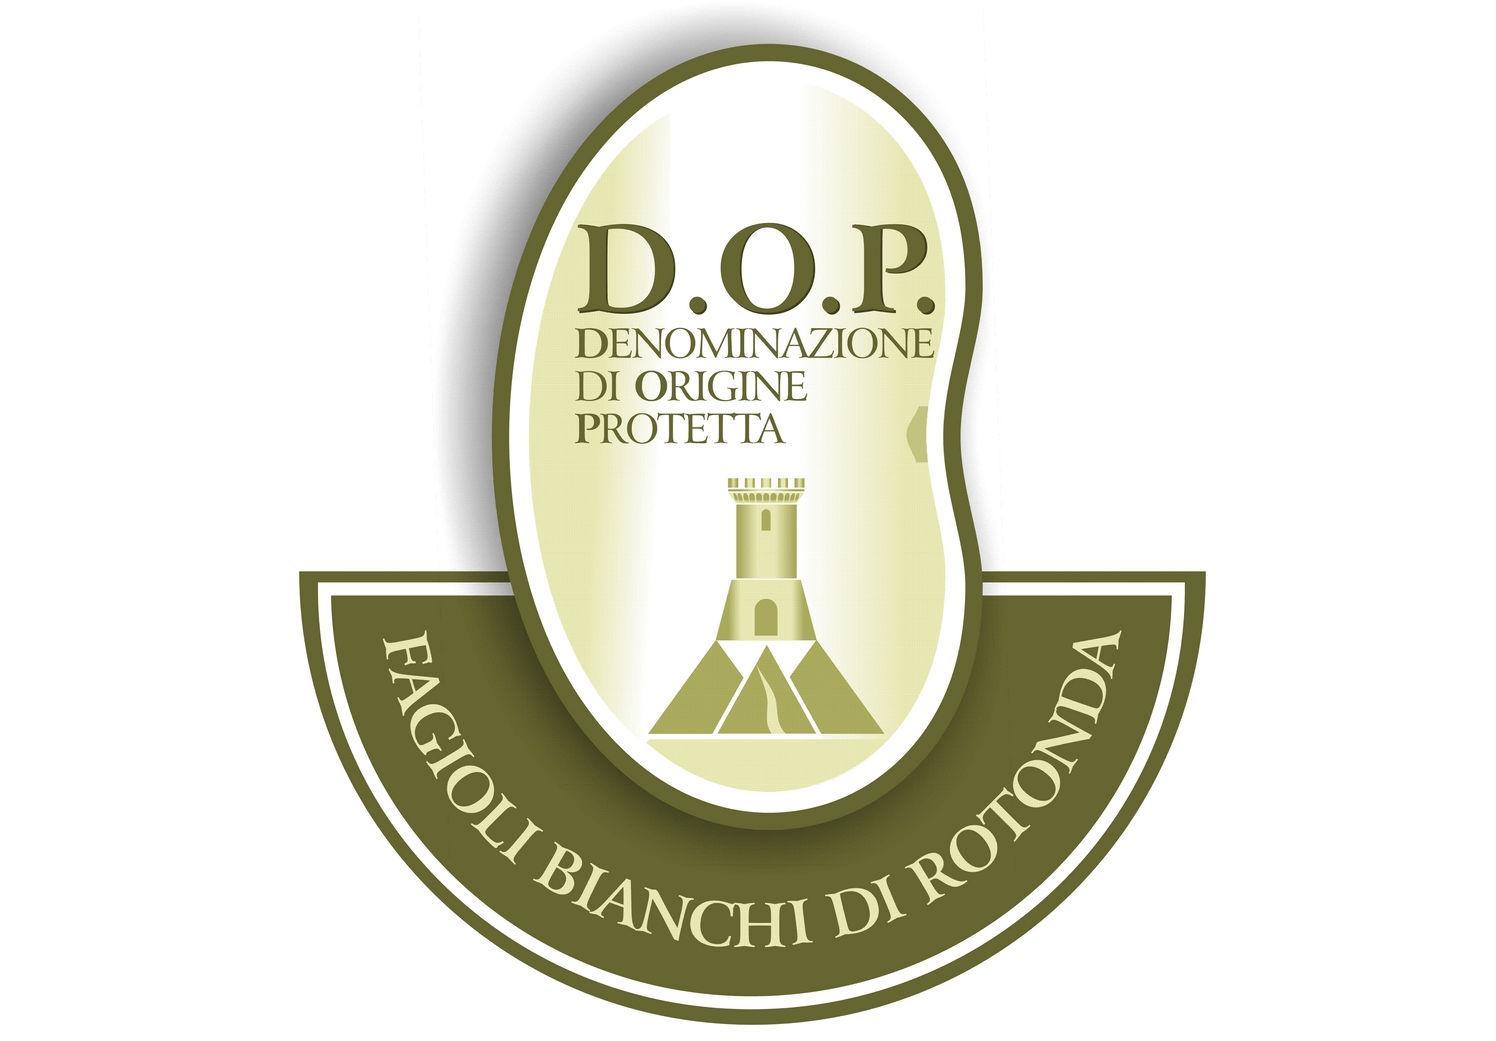 Consorzio di tutela Fagioli Bianchi di Rotonda Dop